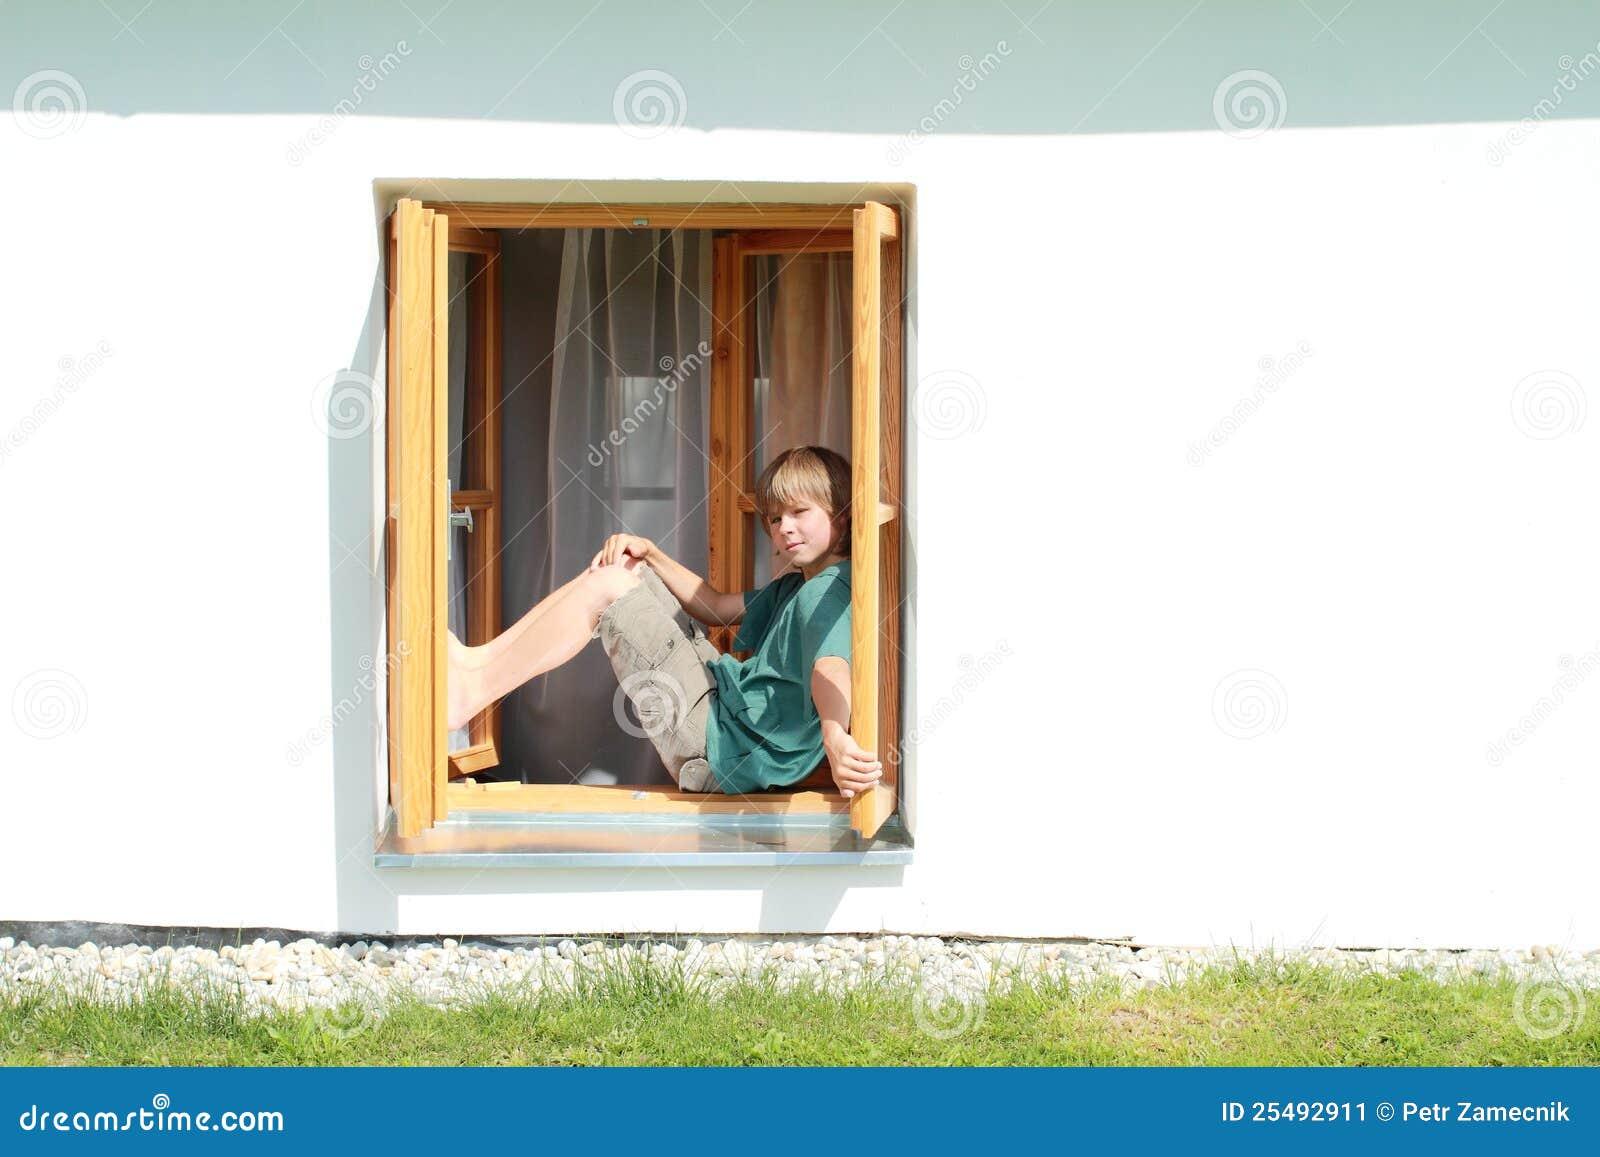 boy sitting on the window stock image image 25492911